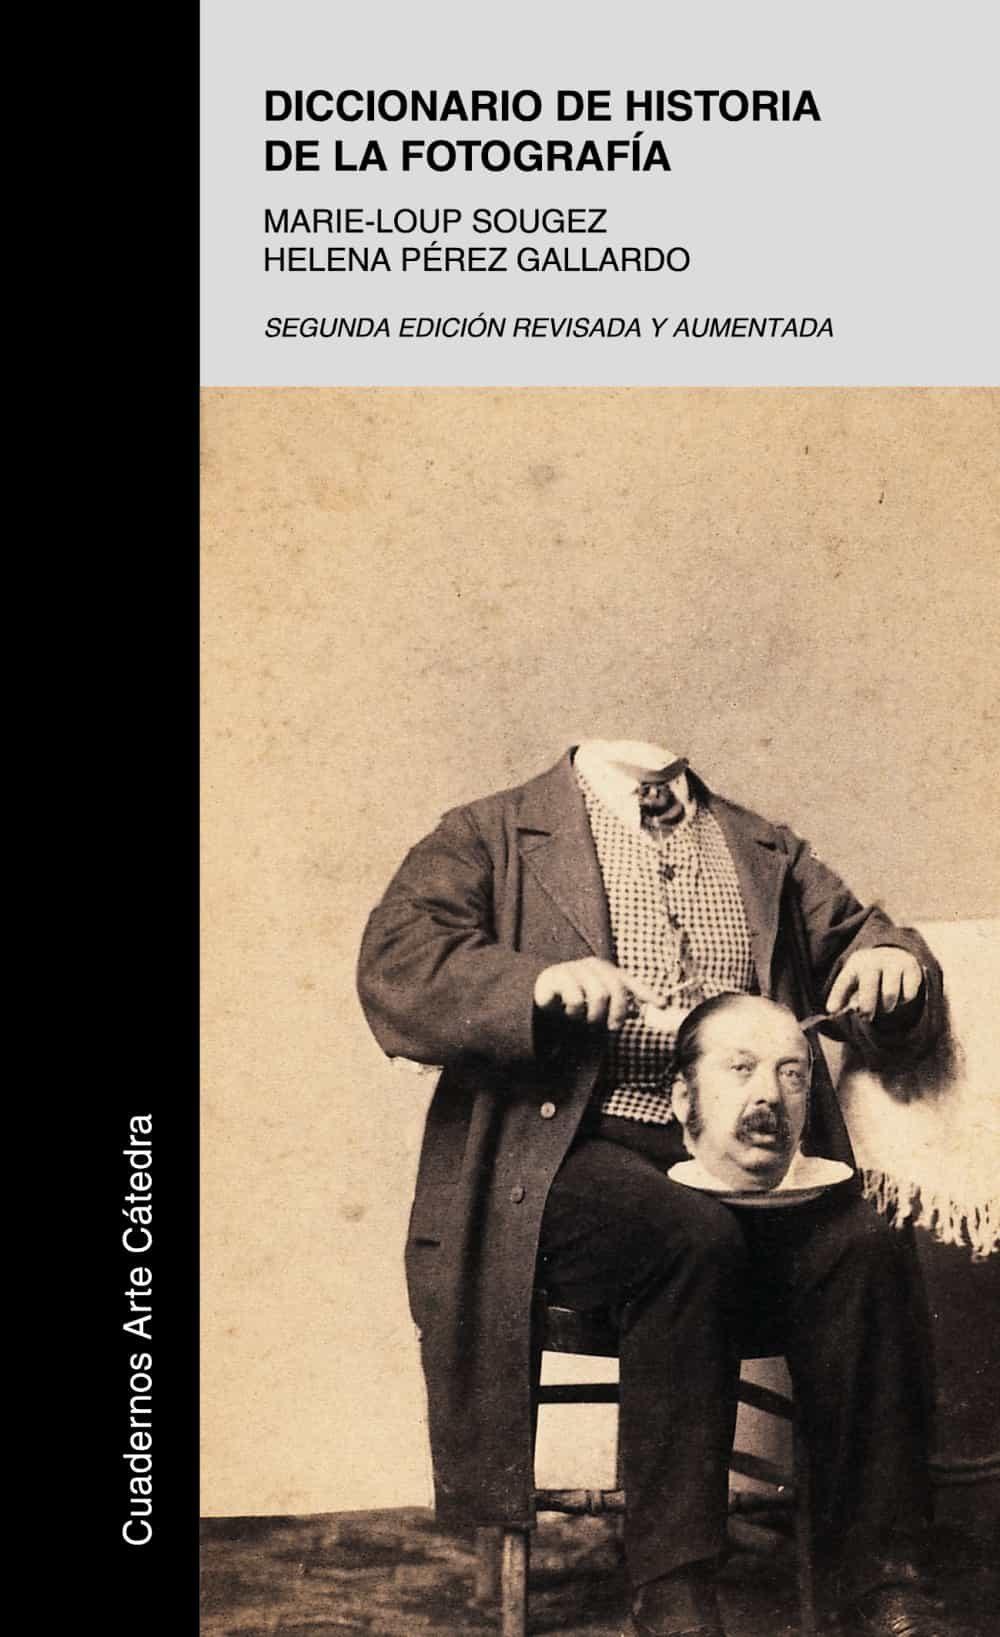 Diccionario De Historia De La Fotografia (2ª Ed. Revisada Y Ampli Ada) - Sougez Mulle Marie-loup